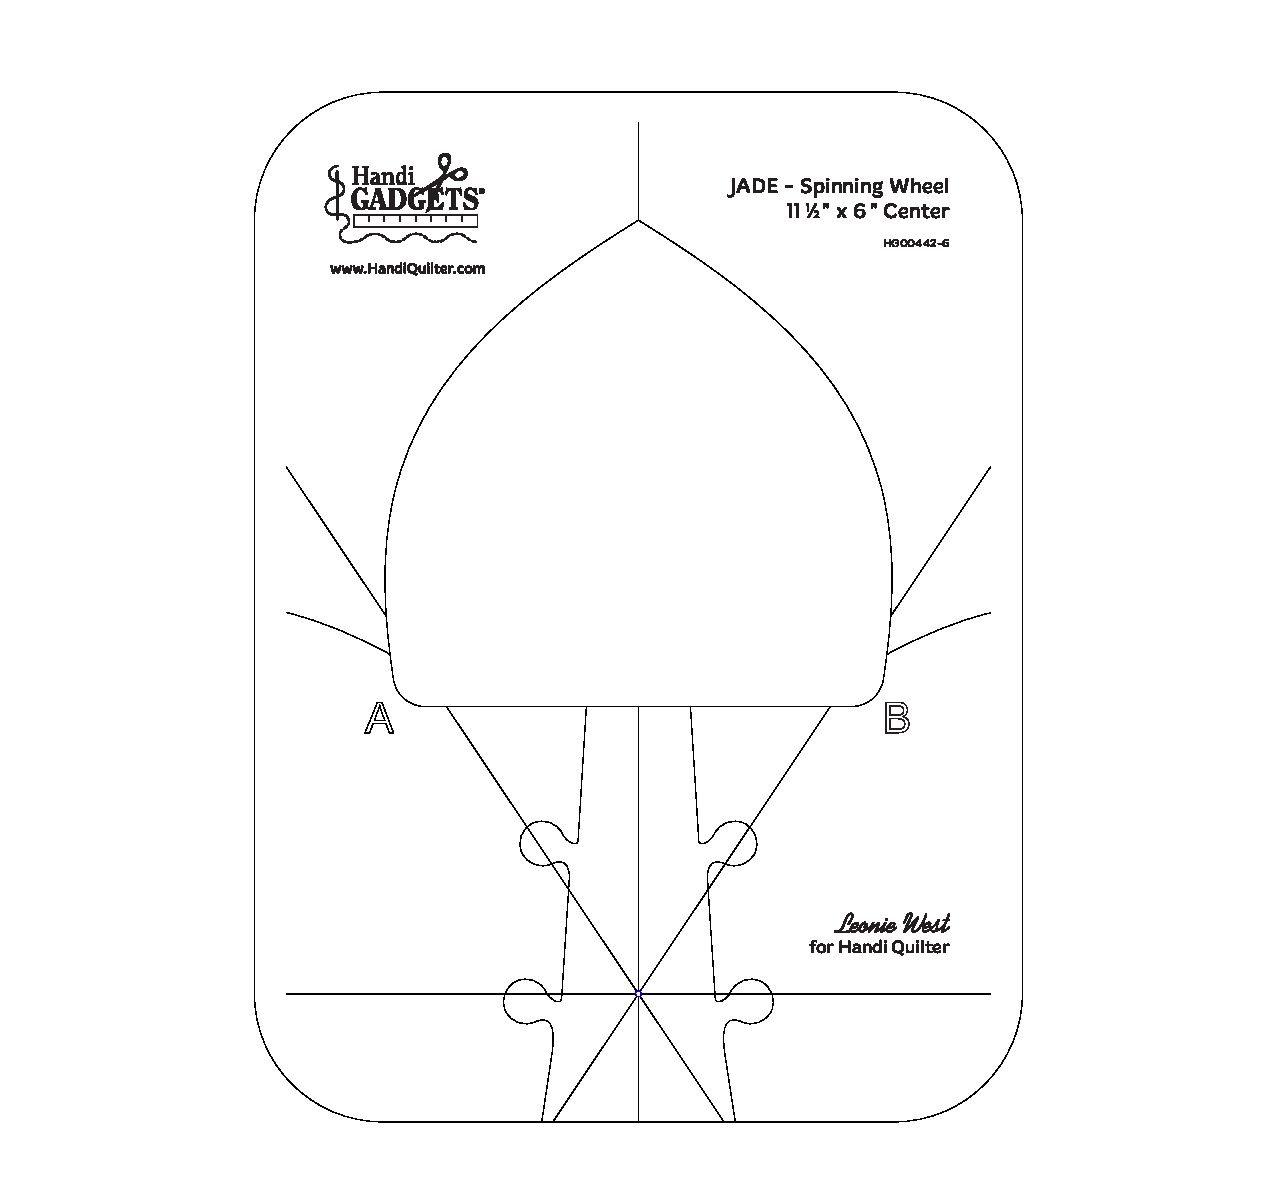 Handi Quilter Jade Spinning Wheel (6 center)